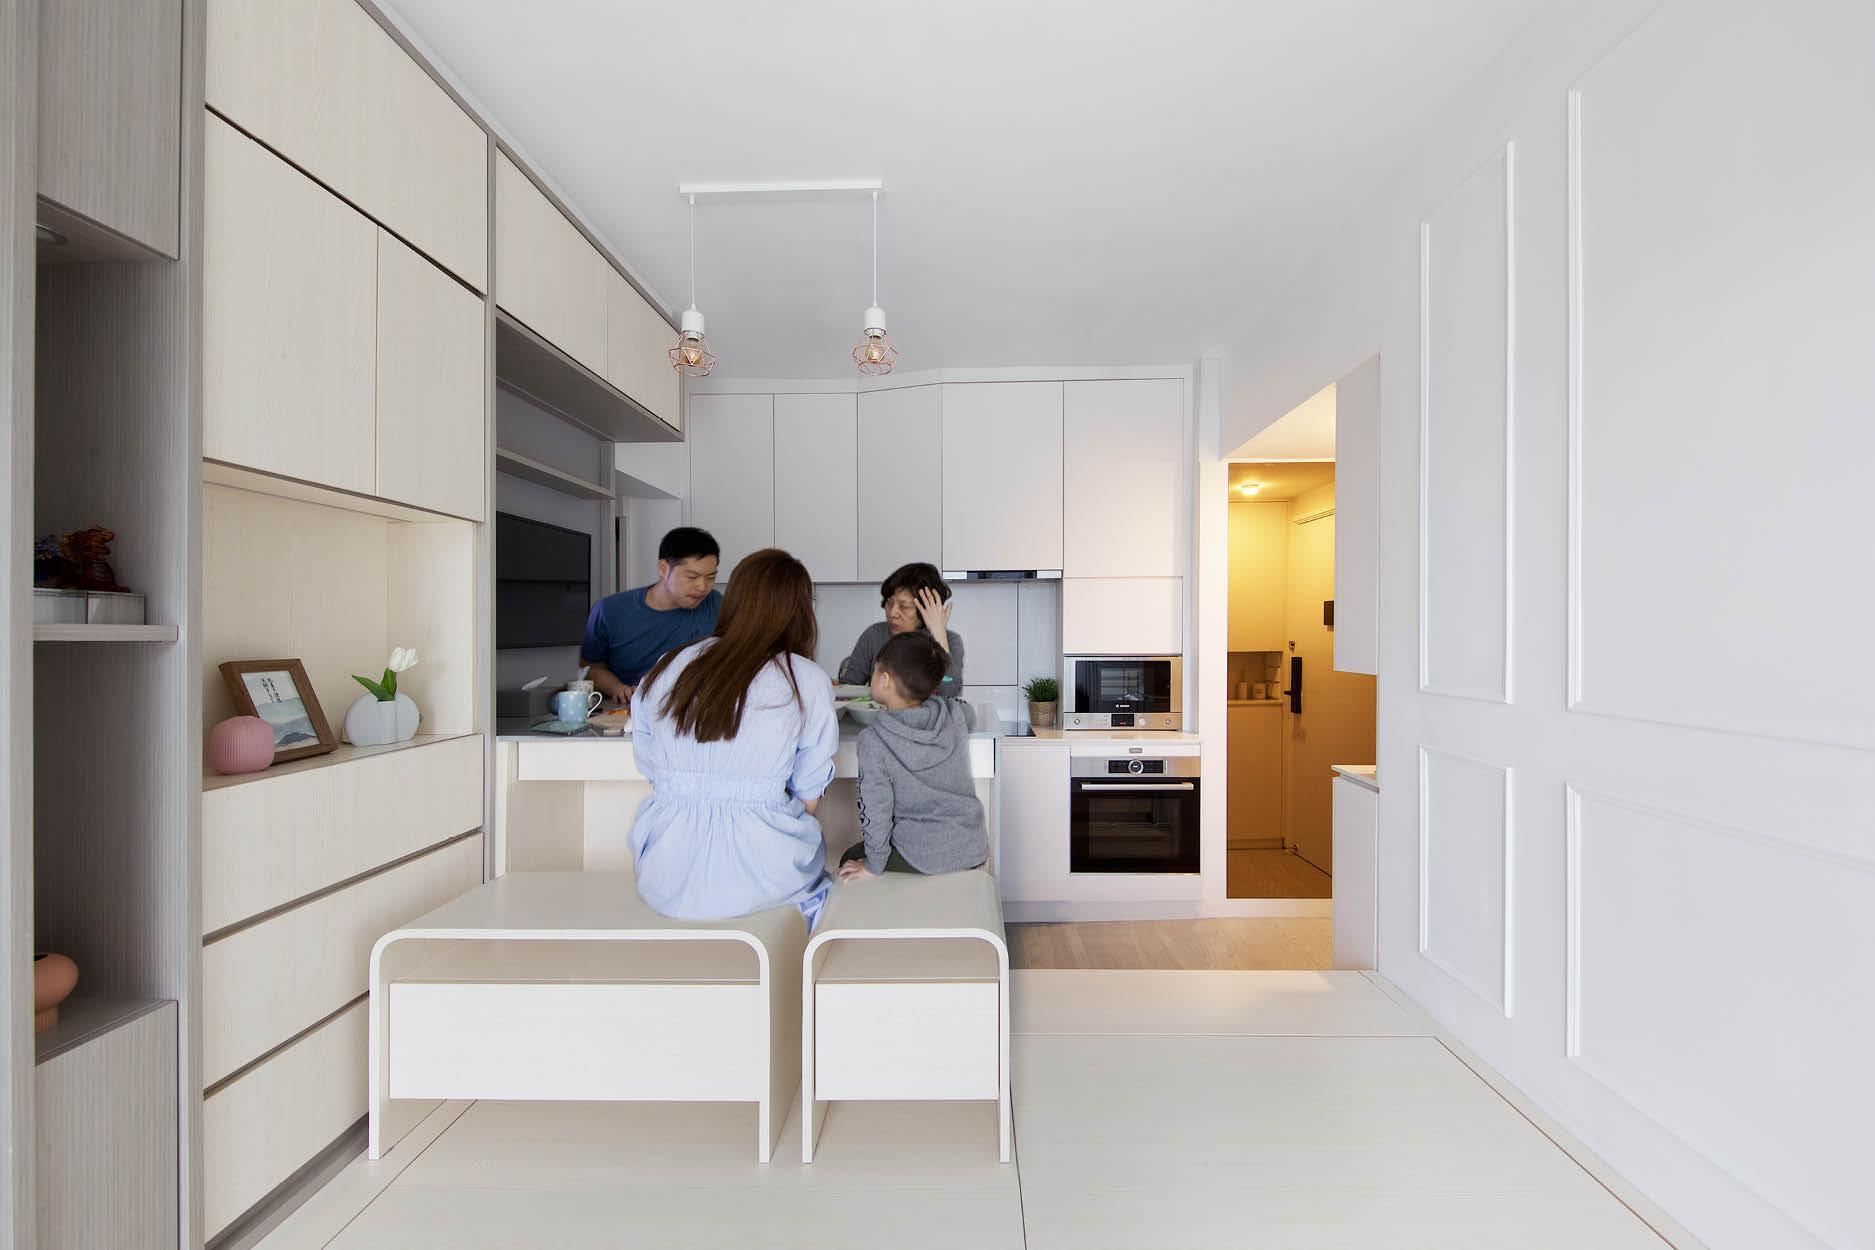 Căn hộ 45m² với mẹo bố trí hợp phong thủy giúp không gian thêm vượng khí, vợ chồng thêm thuận hòa  - Ảnh 10.